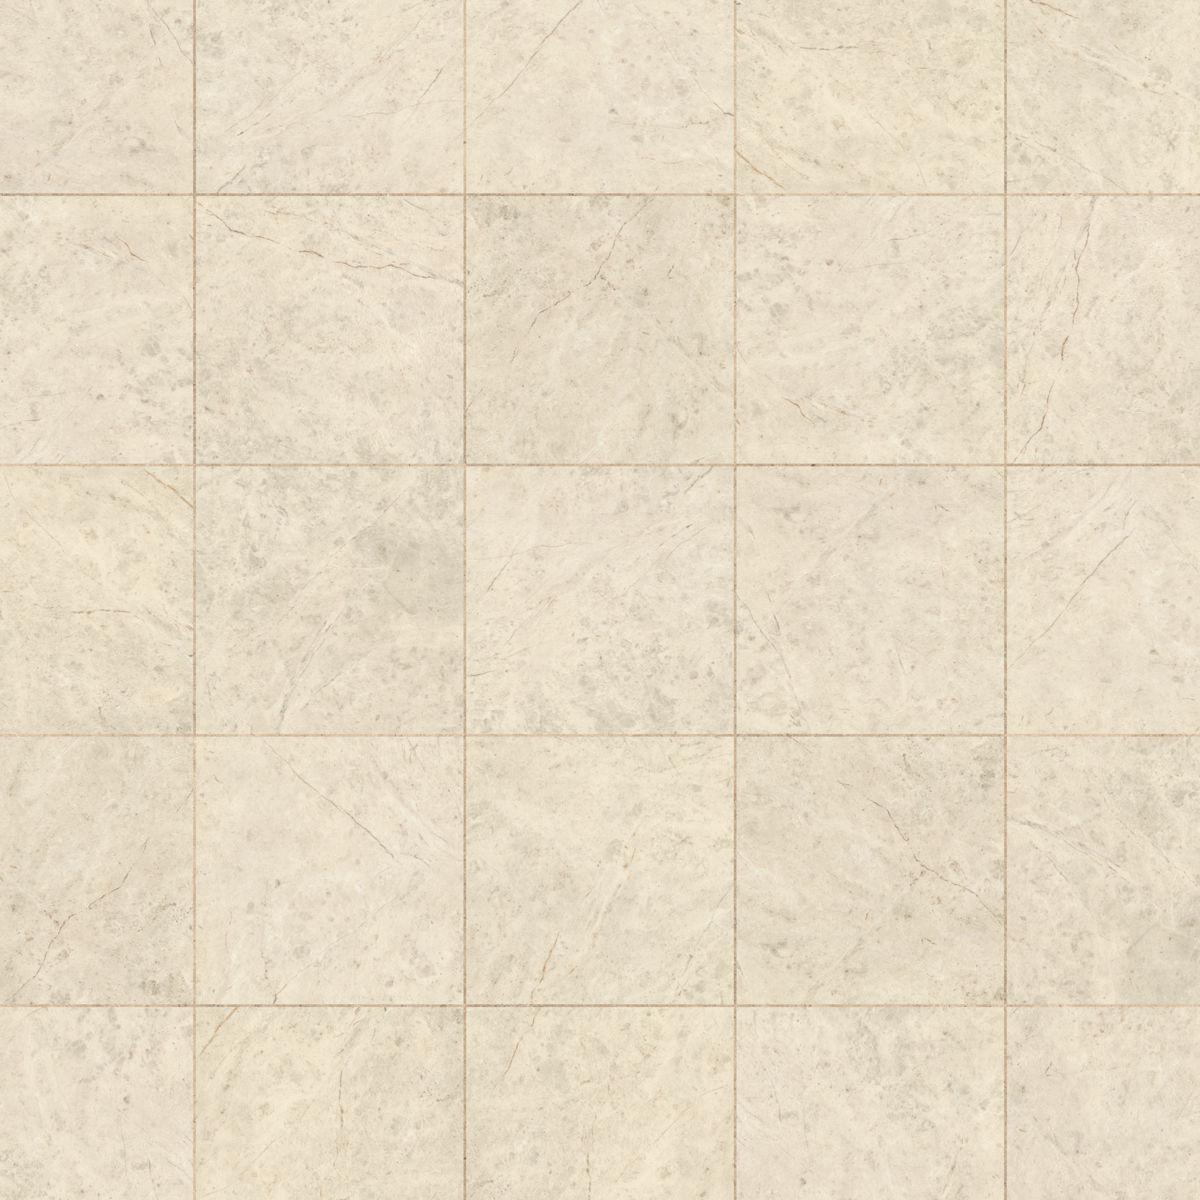 Karndean Knight Tile Cara T98 Vinyl Flooring